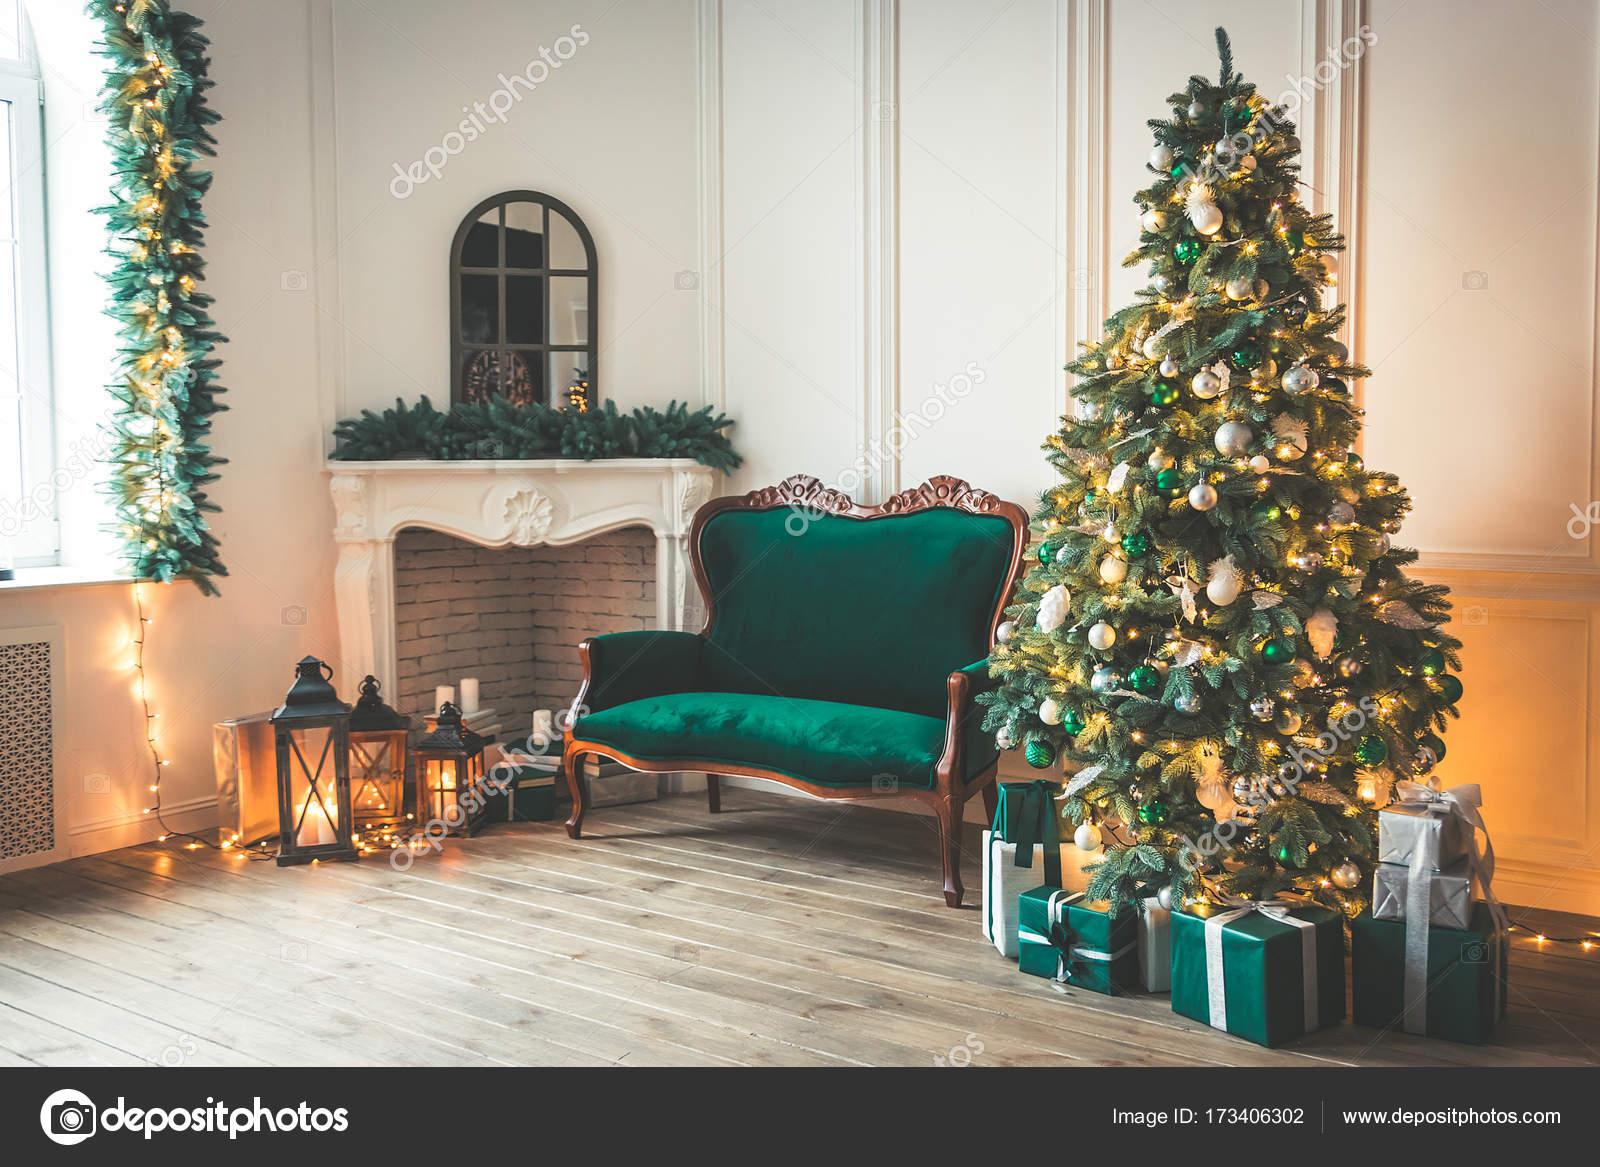 Woonkamer Versieren Kerst. Finest Woonkamer Ideeen Voor Kerst Great ...